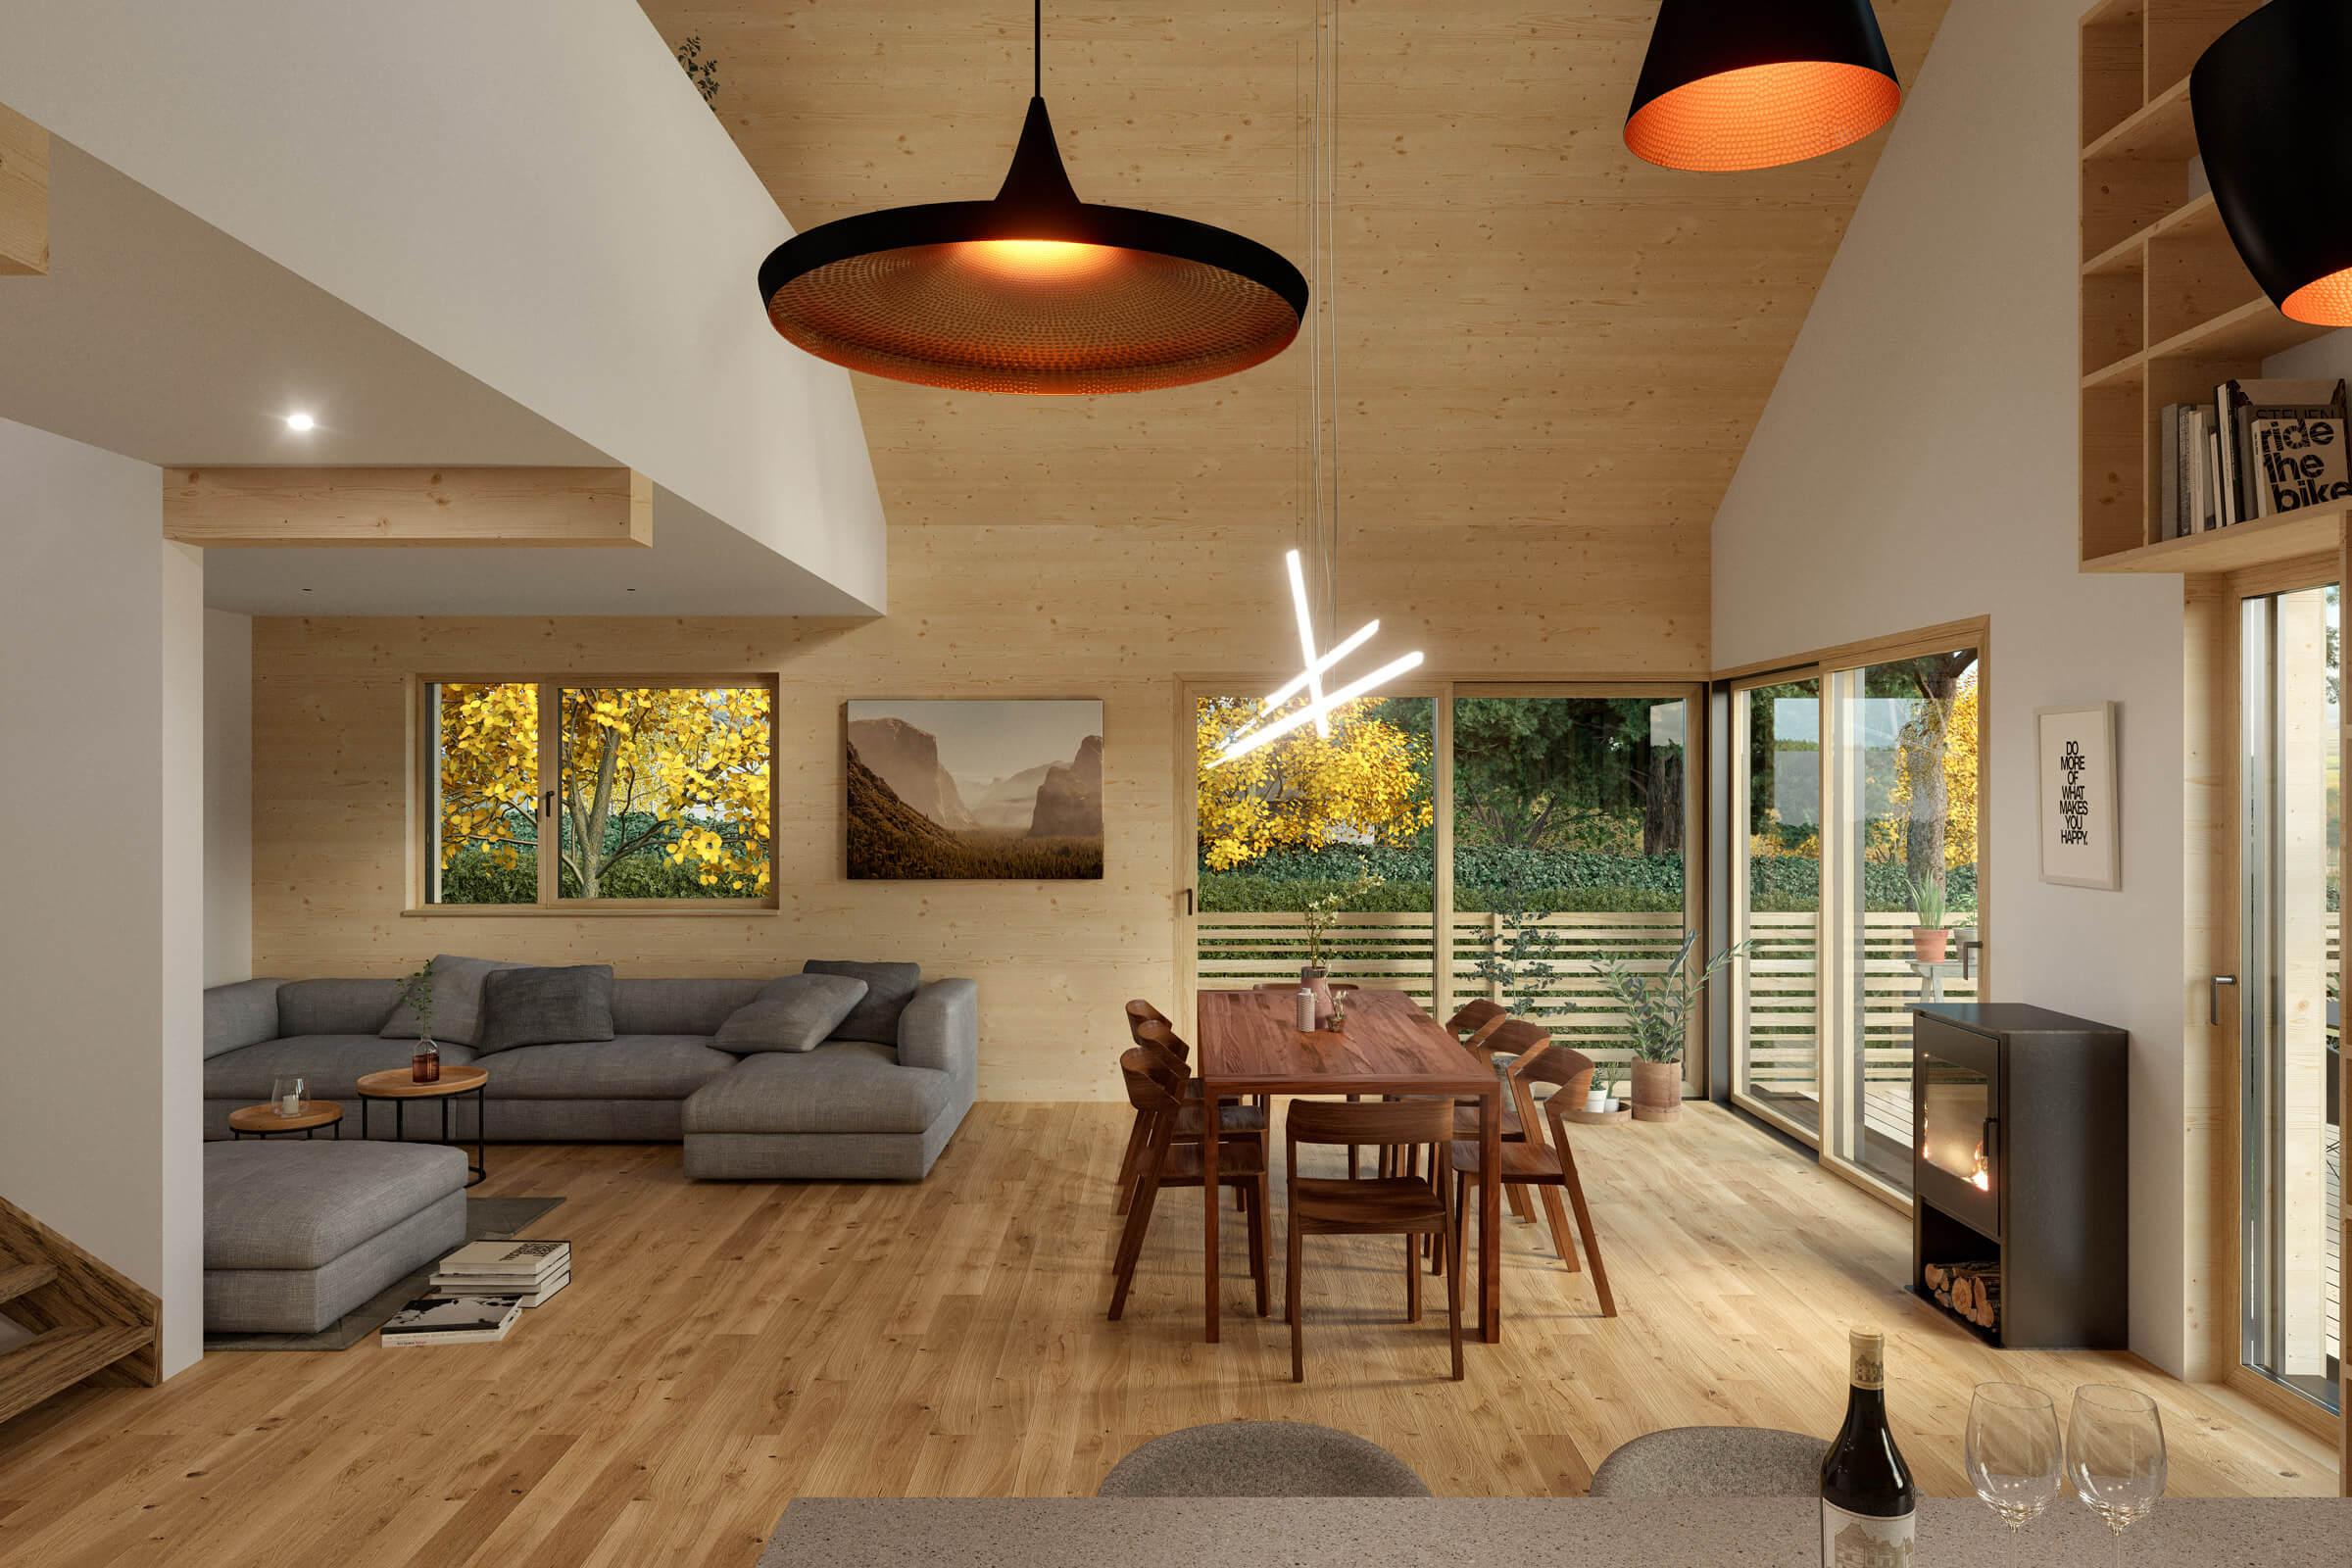 Blick von der Küche über das Wohnzimmer mit Gallerie in den grünen Garten